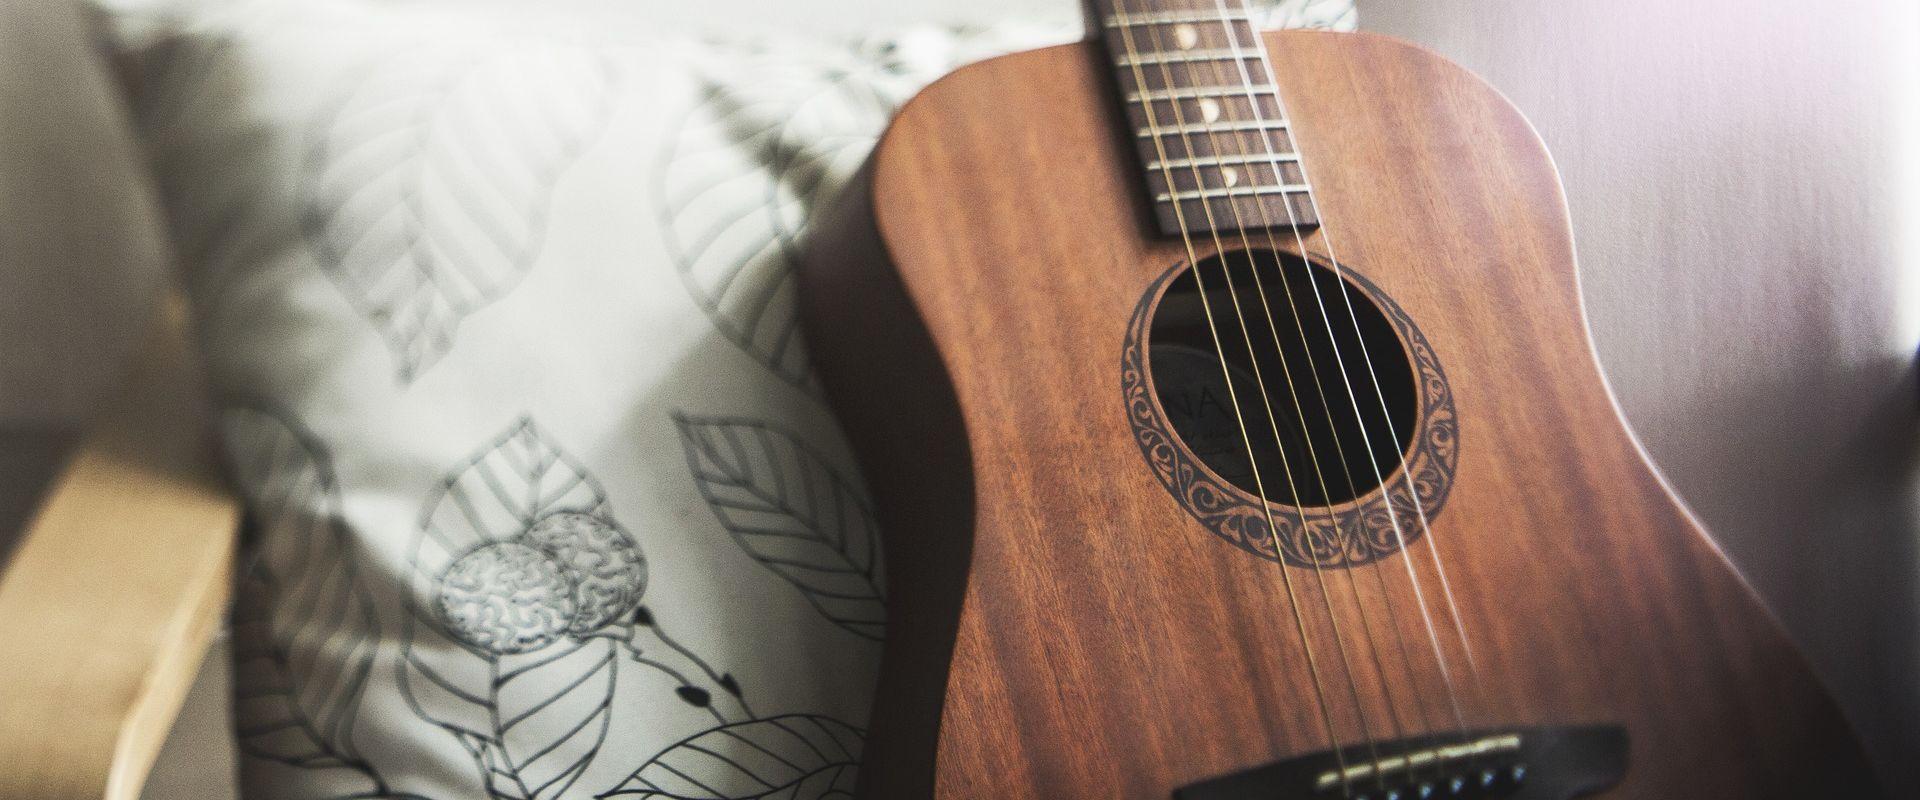 Titelbild des Blogartikels Gitarre lernen für Anfänger: 4 Tipps für schnelle Fortschritte